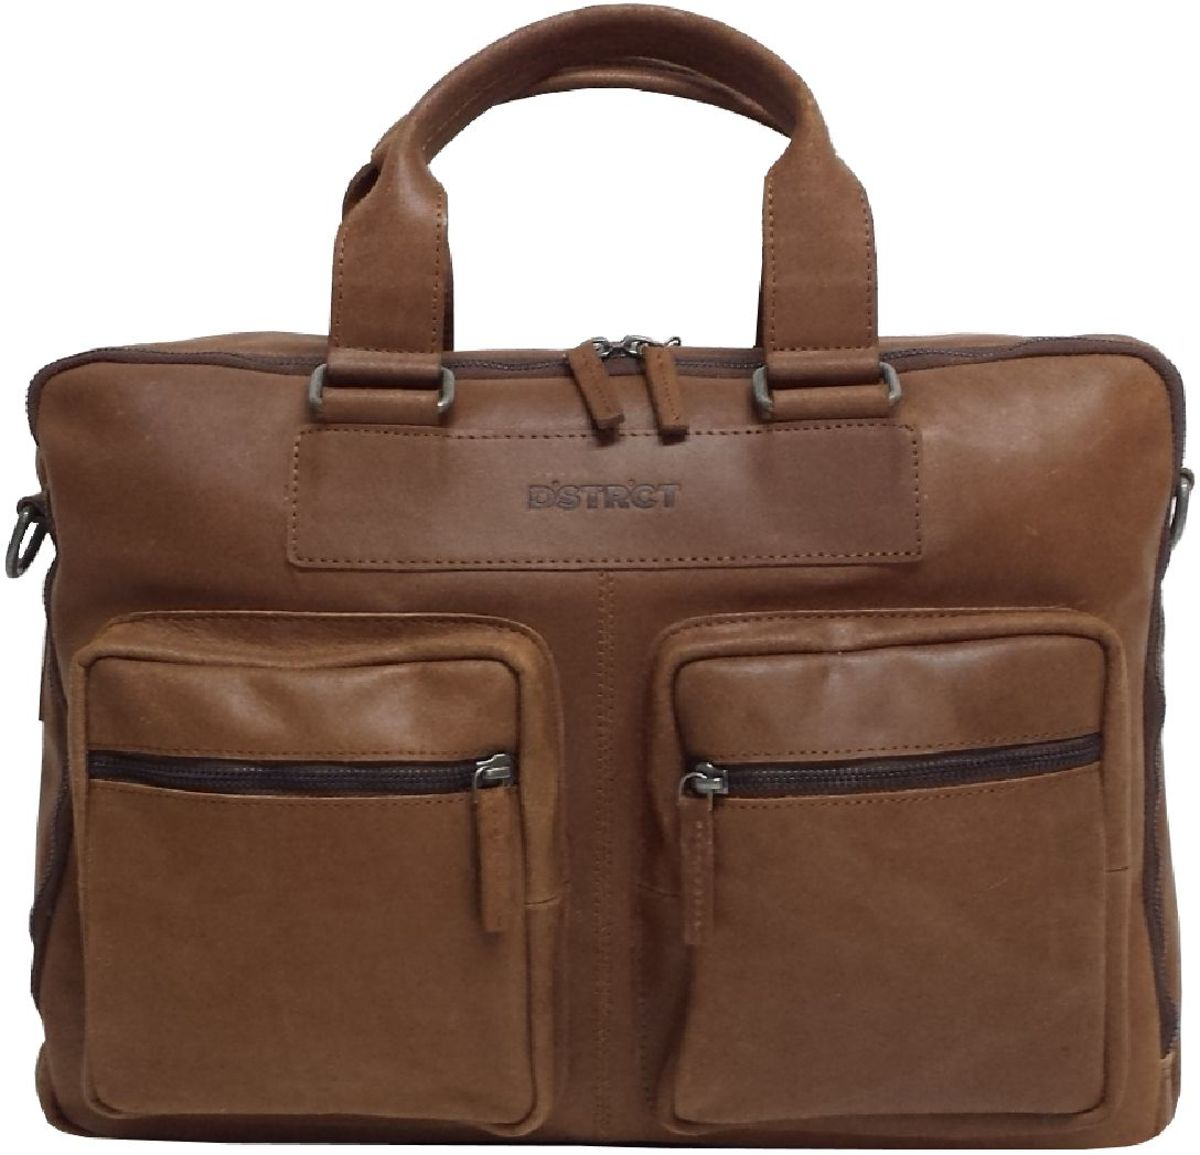 0e1b8acb73e bol.com | DSTRCT Fairfield - Laptoptas - 15,6 inch - cognac